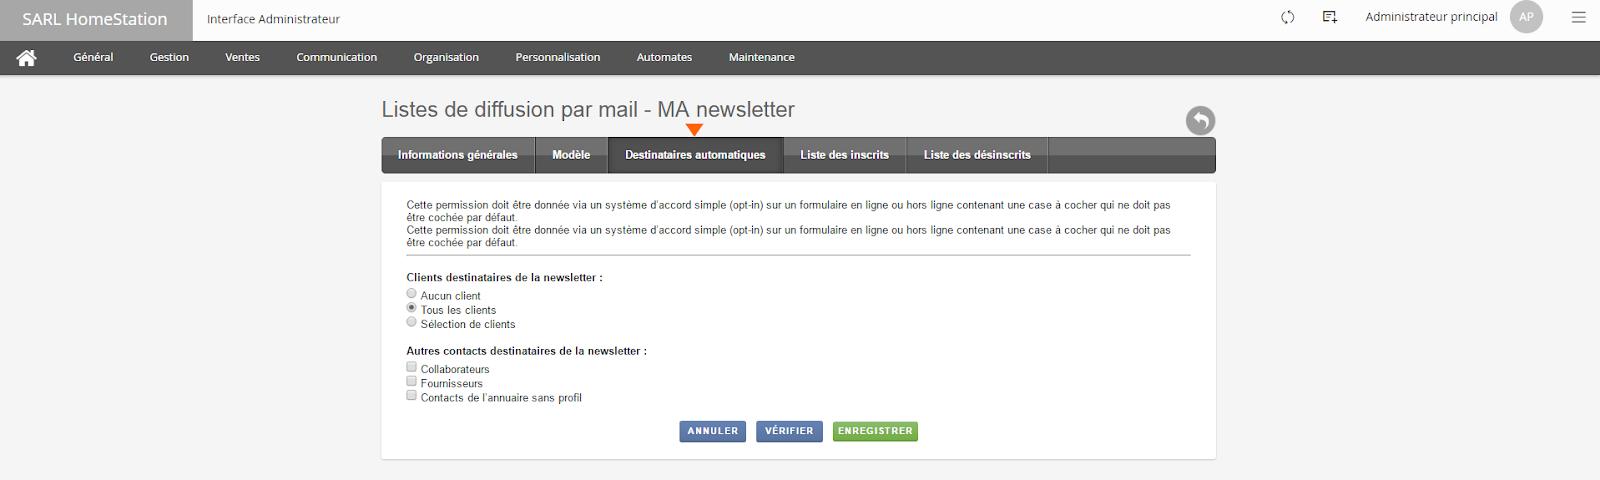 Listes de diffusion par mail -MA newsletter destiauto.png